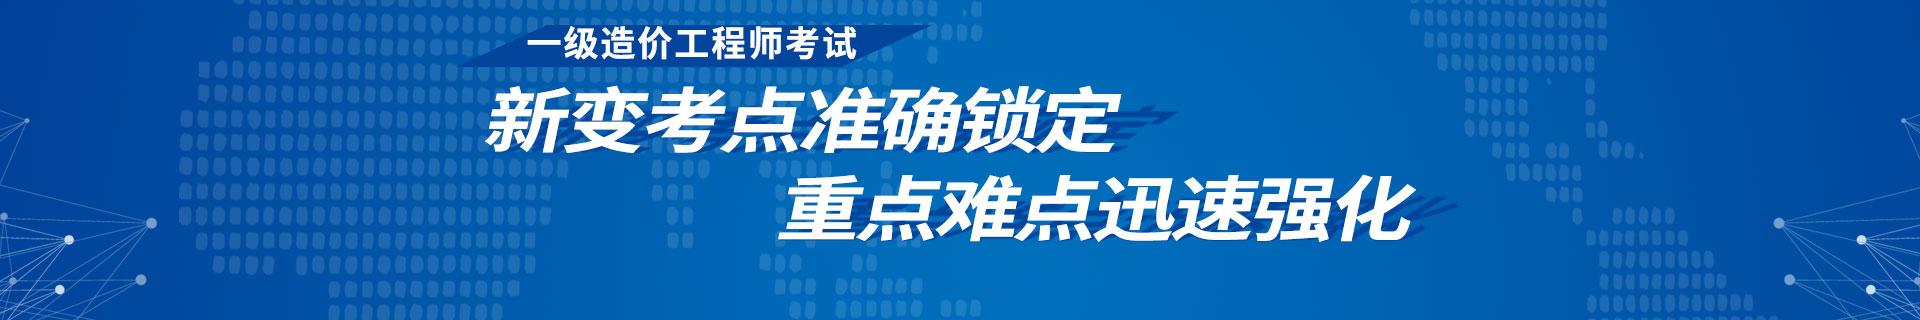 江苏张家港优路教育培训学校